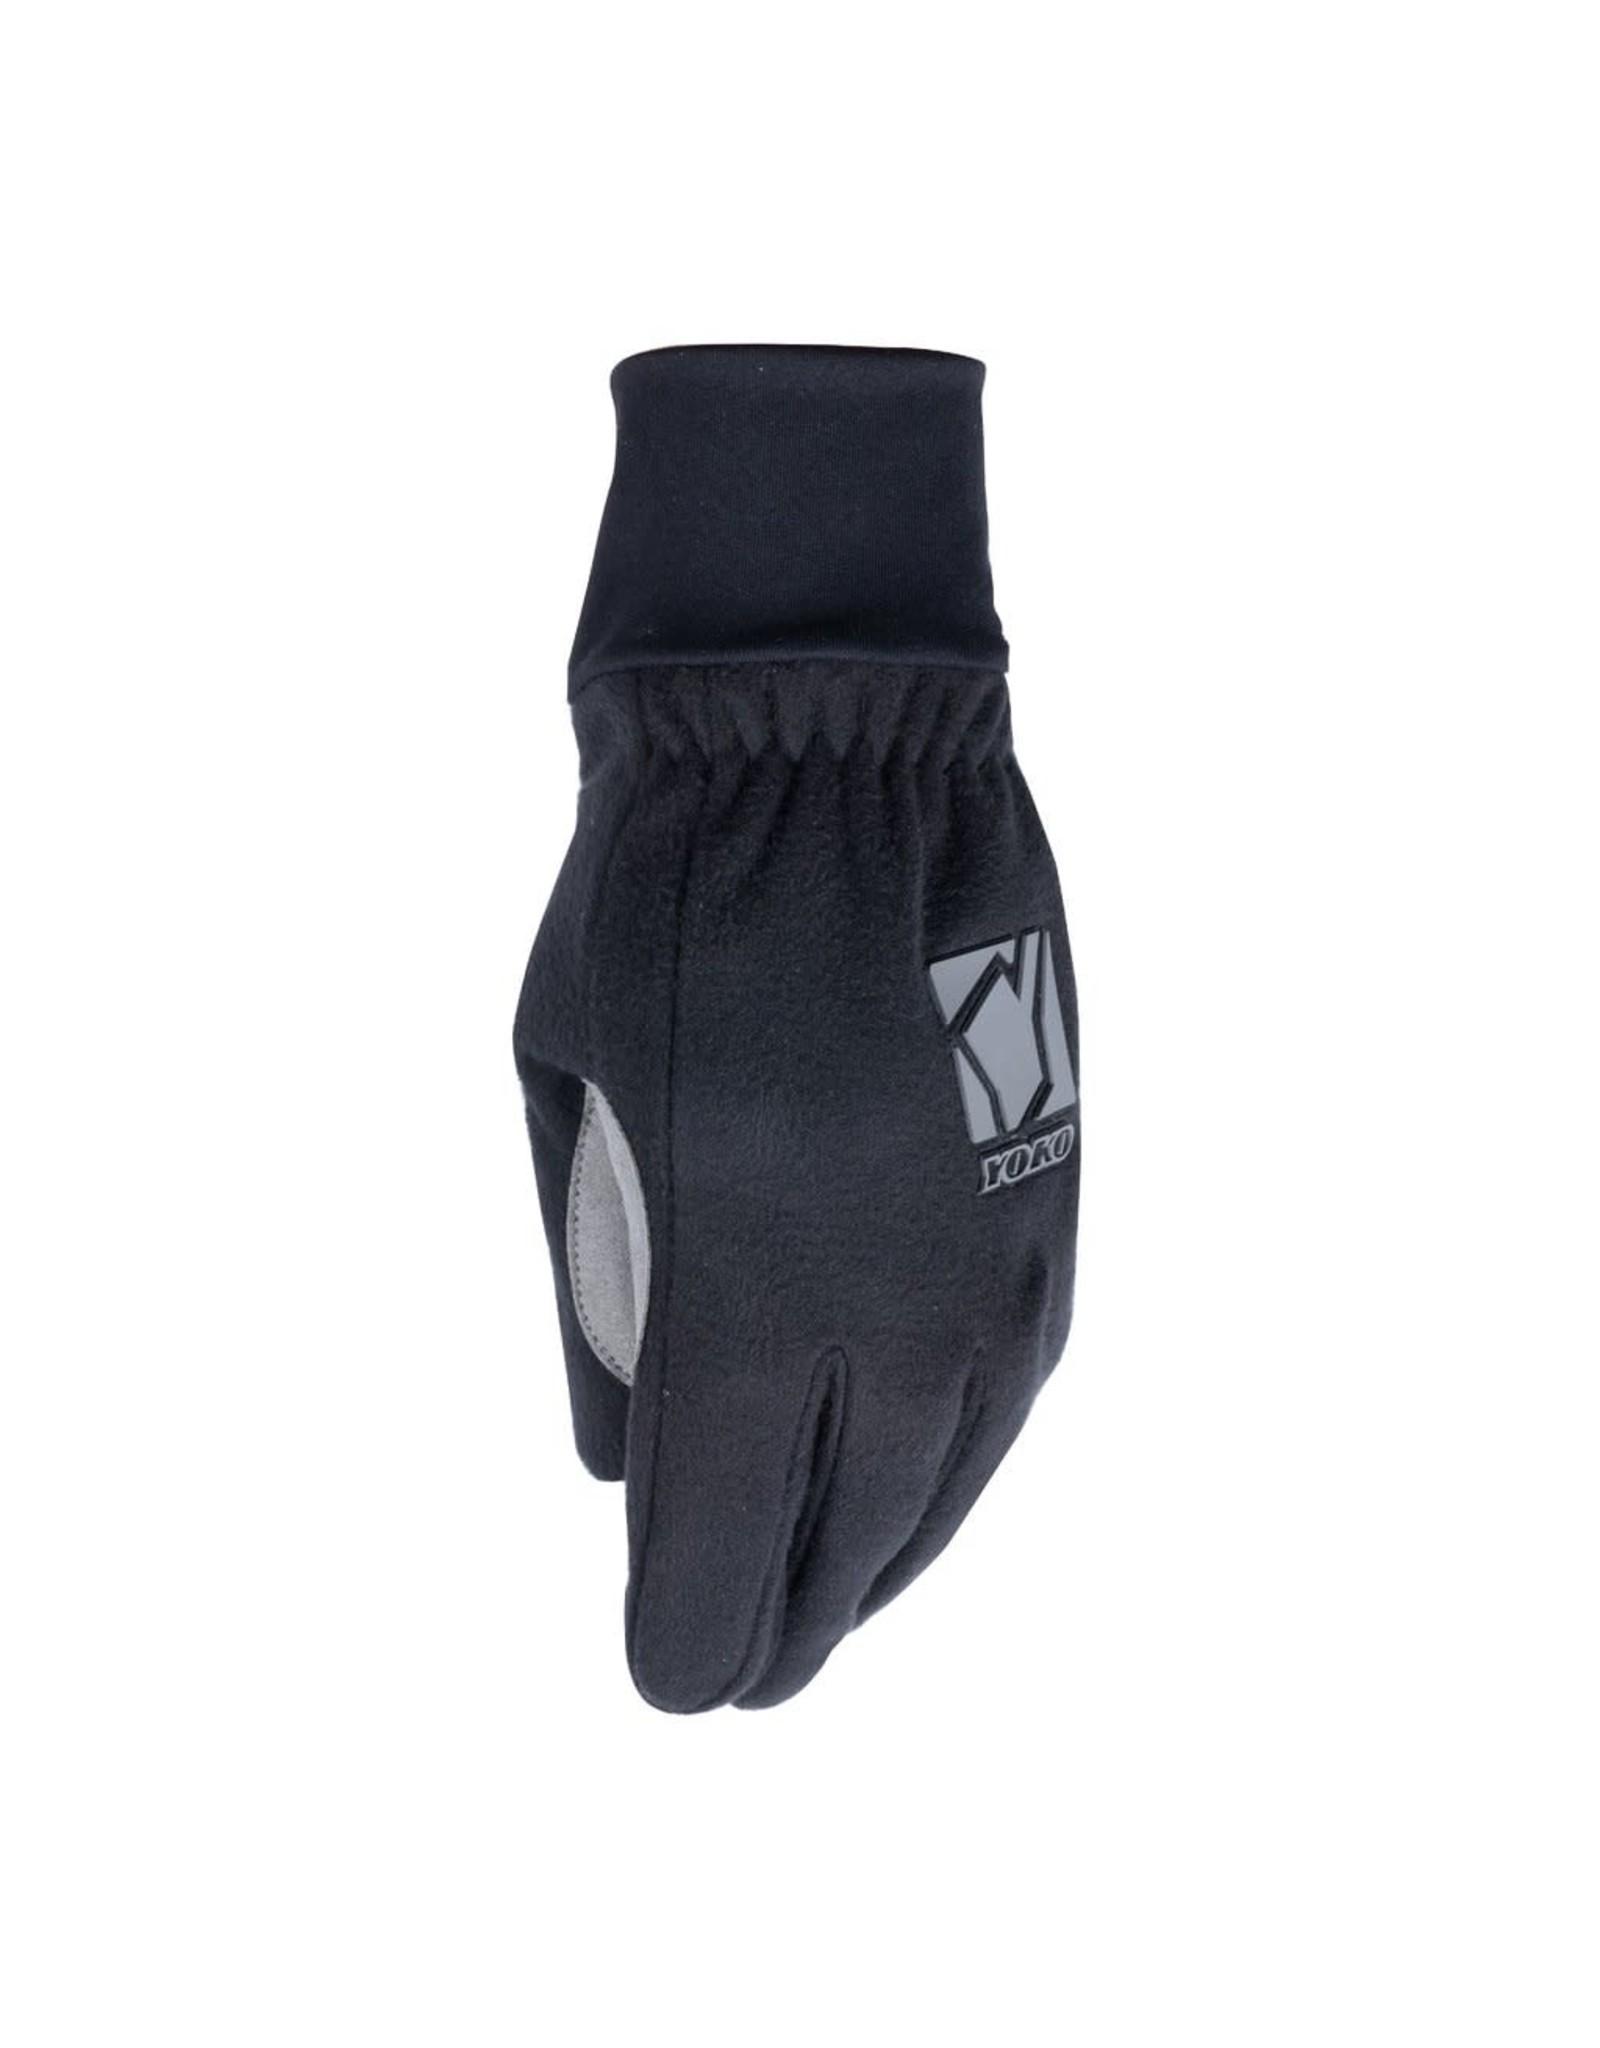 Yoko Yoko YXC Thermo Glove